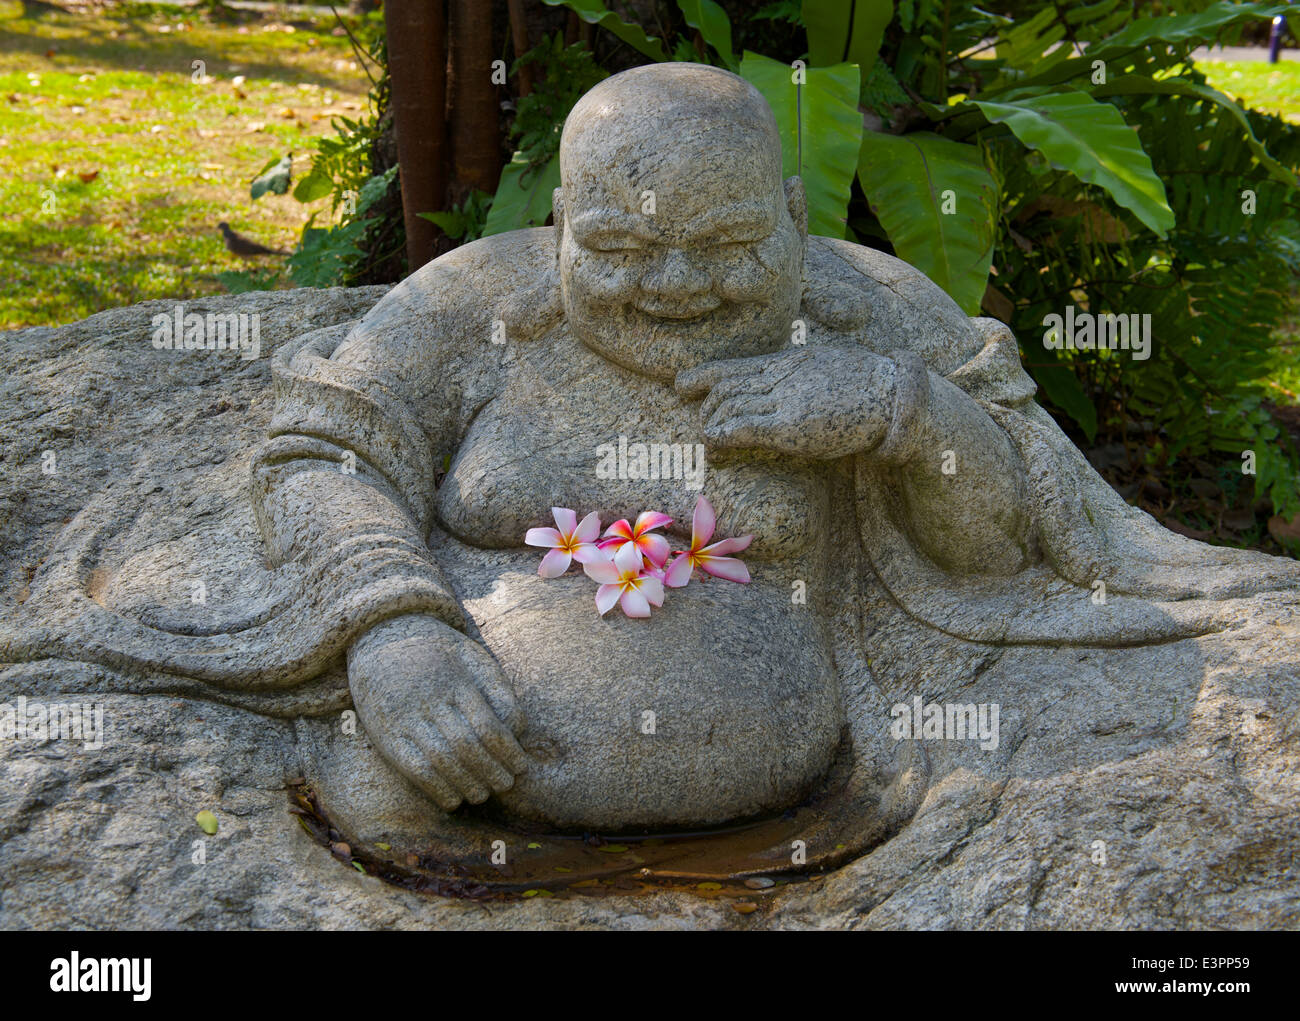 Buda sonriente con frangipani flores en el jard n chino jardines junto a la bah a singapur - Buda jardin ...